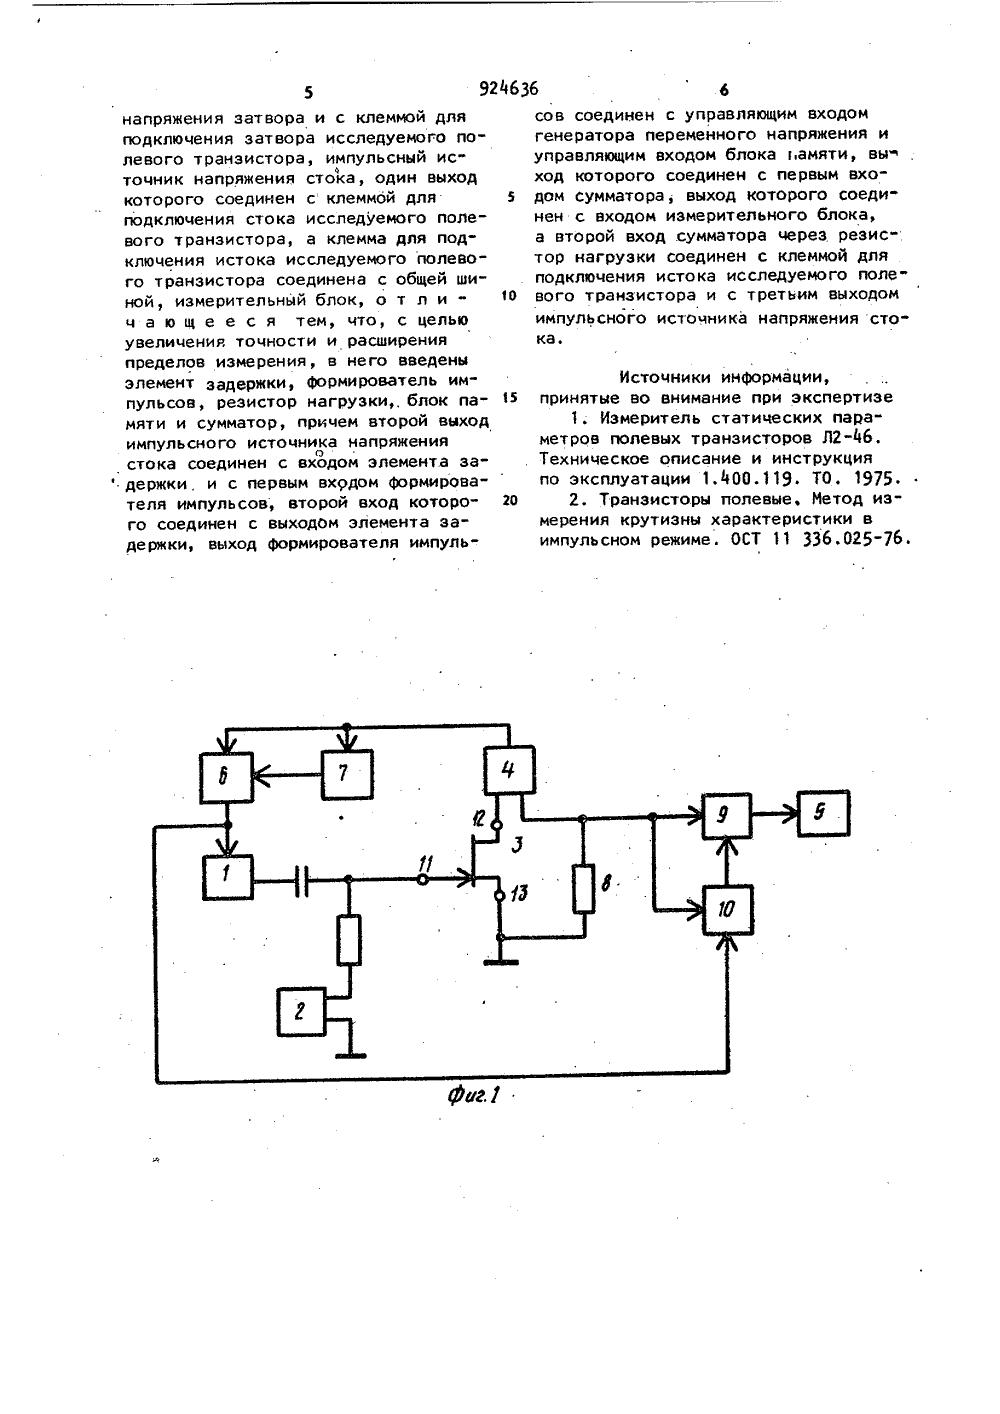 Транзисторы: принцип работы, схема подключения, отличие биполярного от полевого